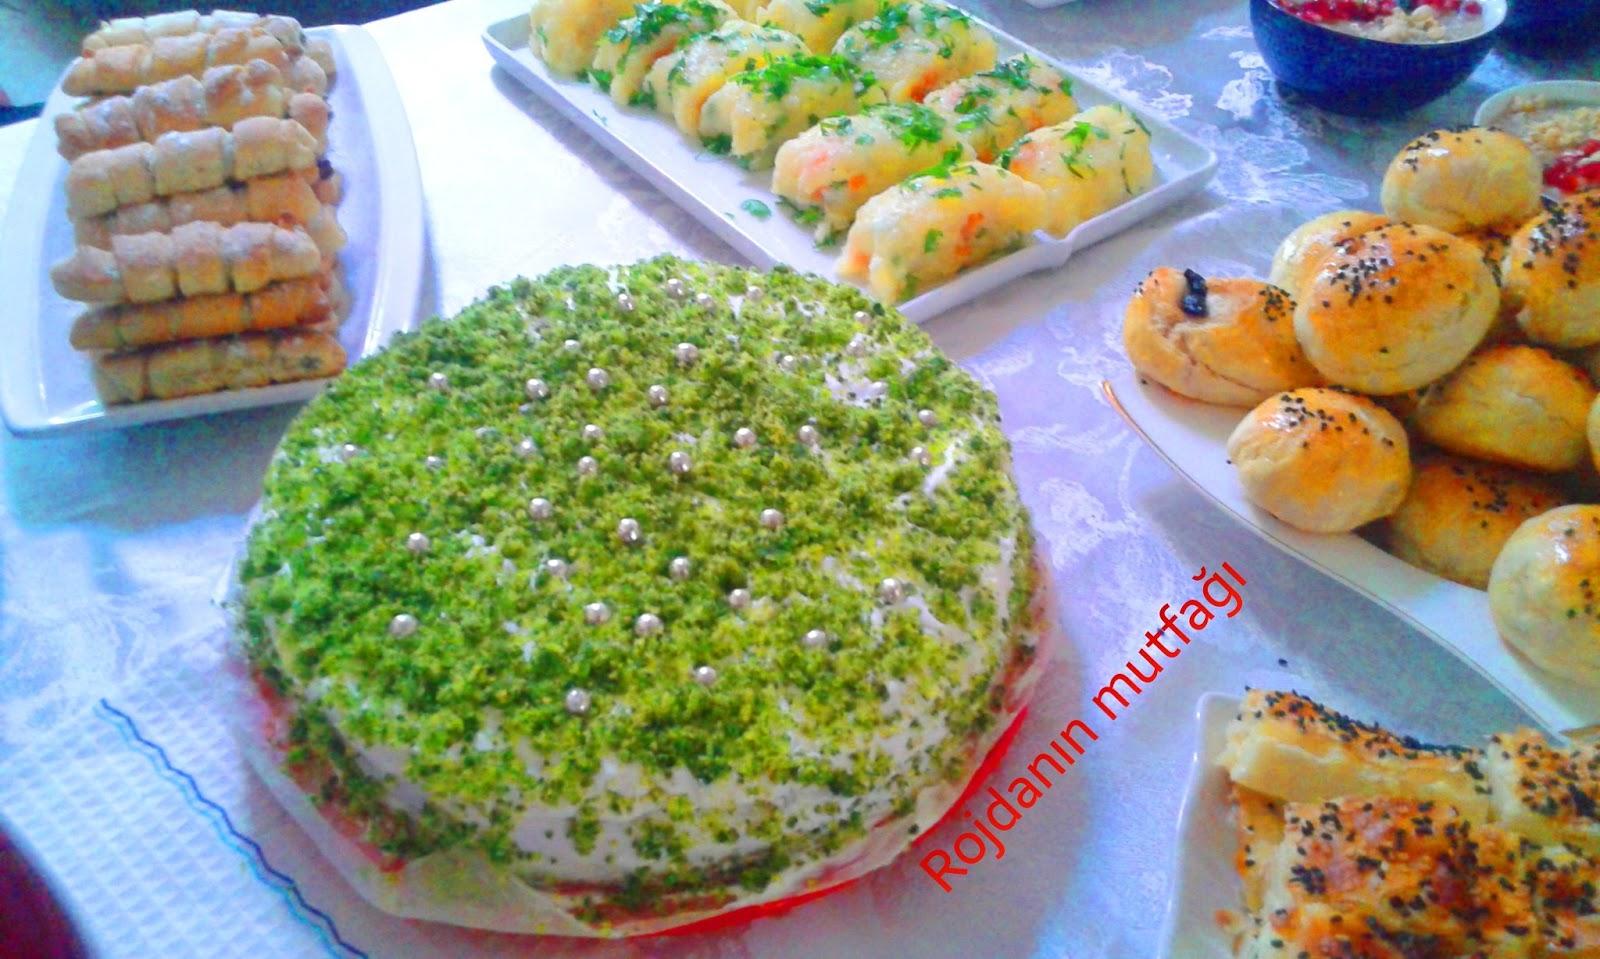 Kazan'daki yemek festivalinde, Dünya Kupası simgelerinden dev masa örtüsü örülecek 31